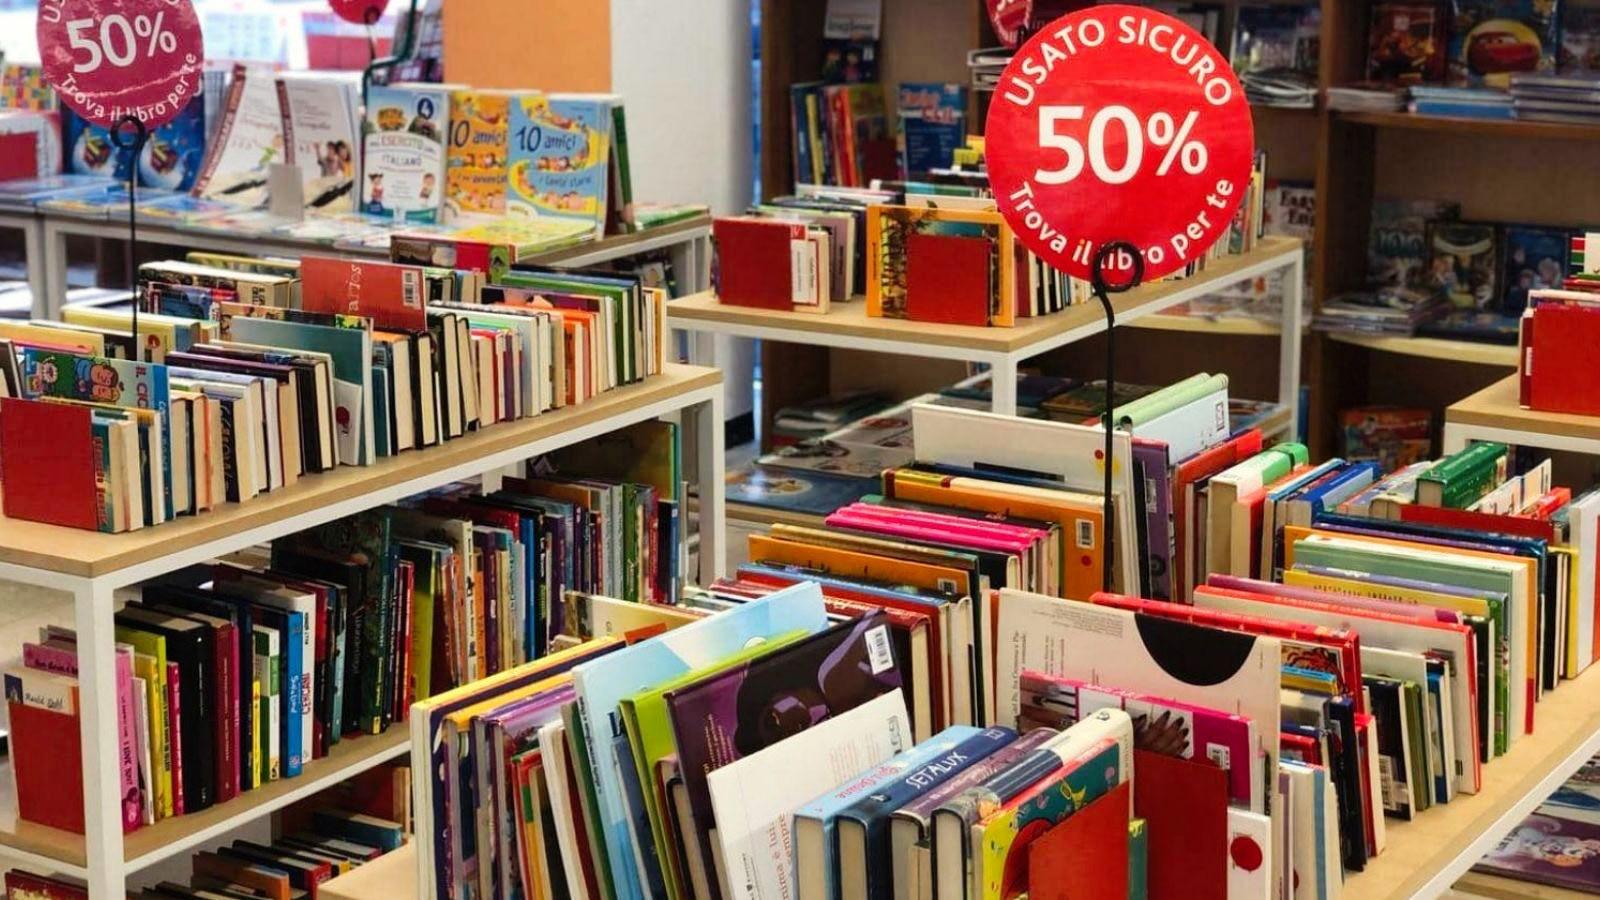 Scaffali E Librerie Per Bambini.Speciale Promozione Sull Usato Sicuro Alla Libreria Dei Ragazzi Di